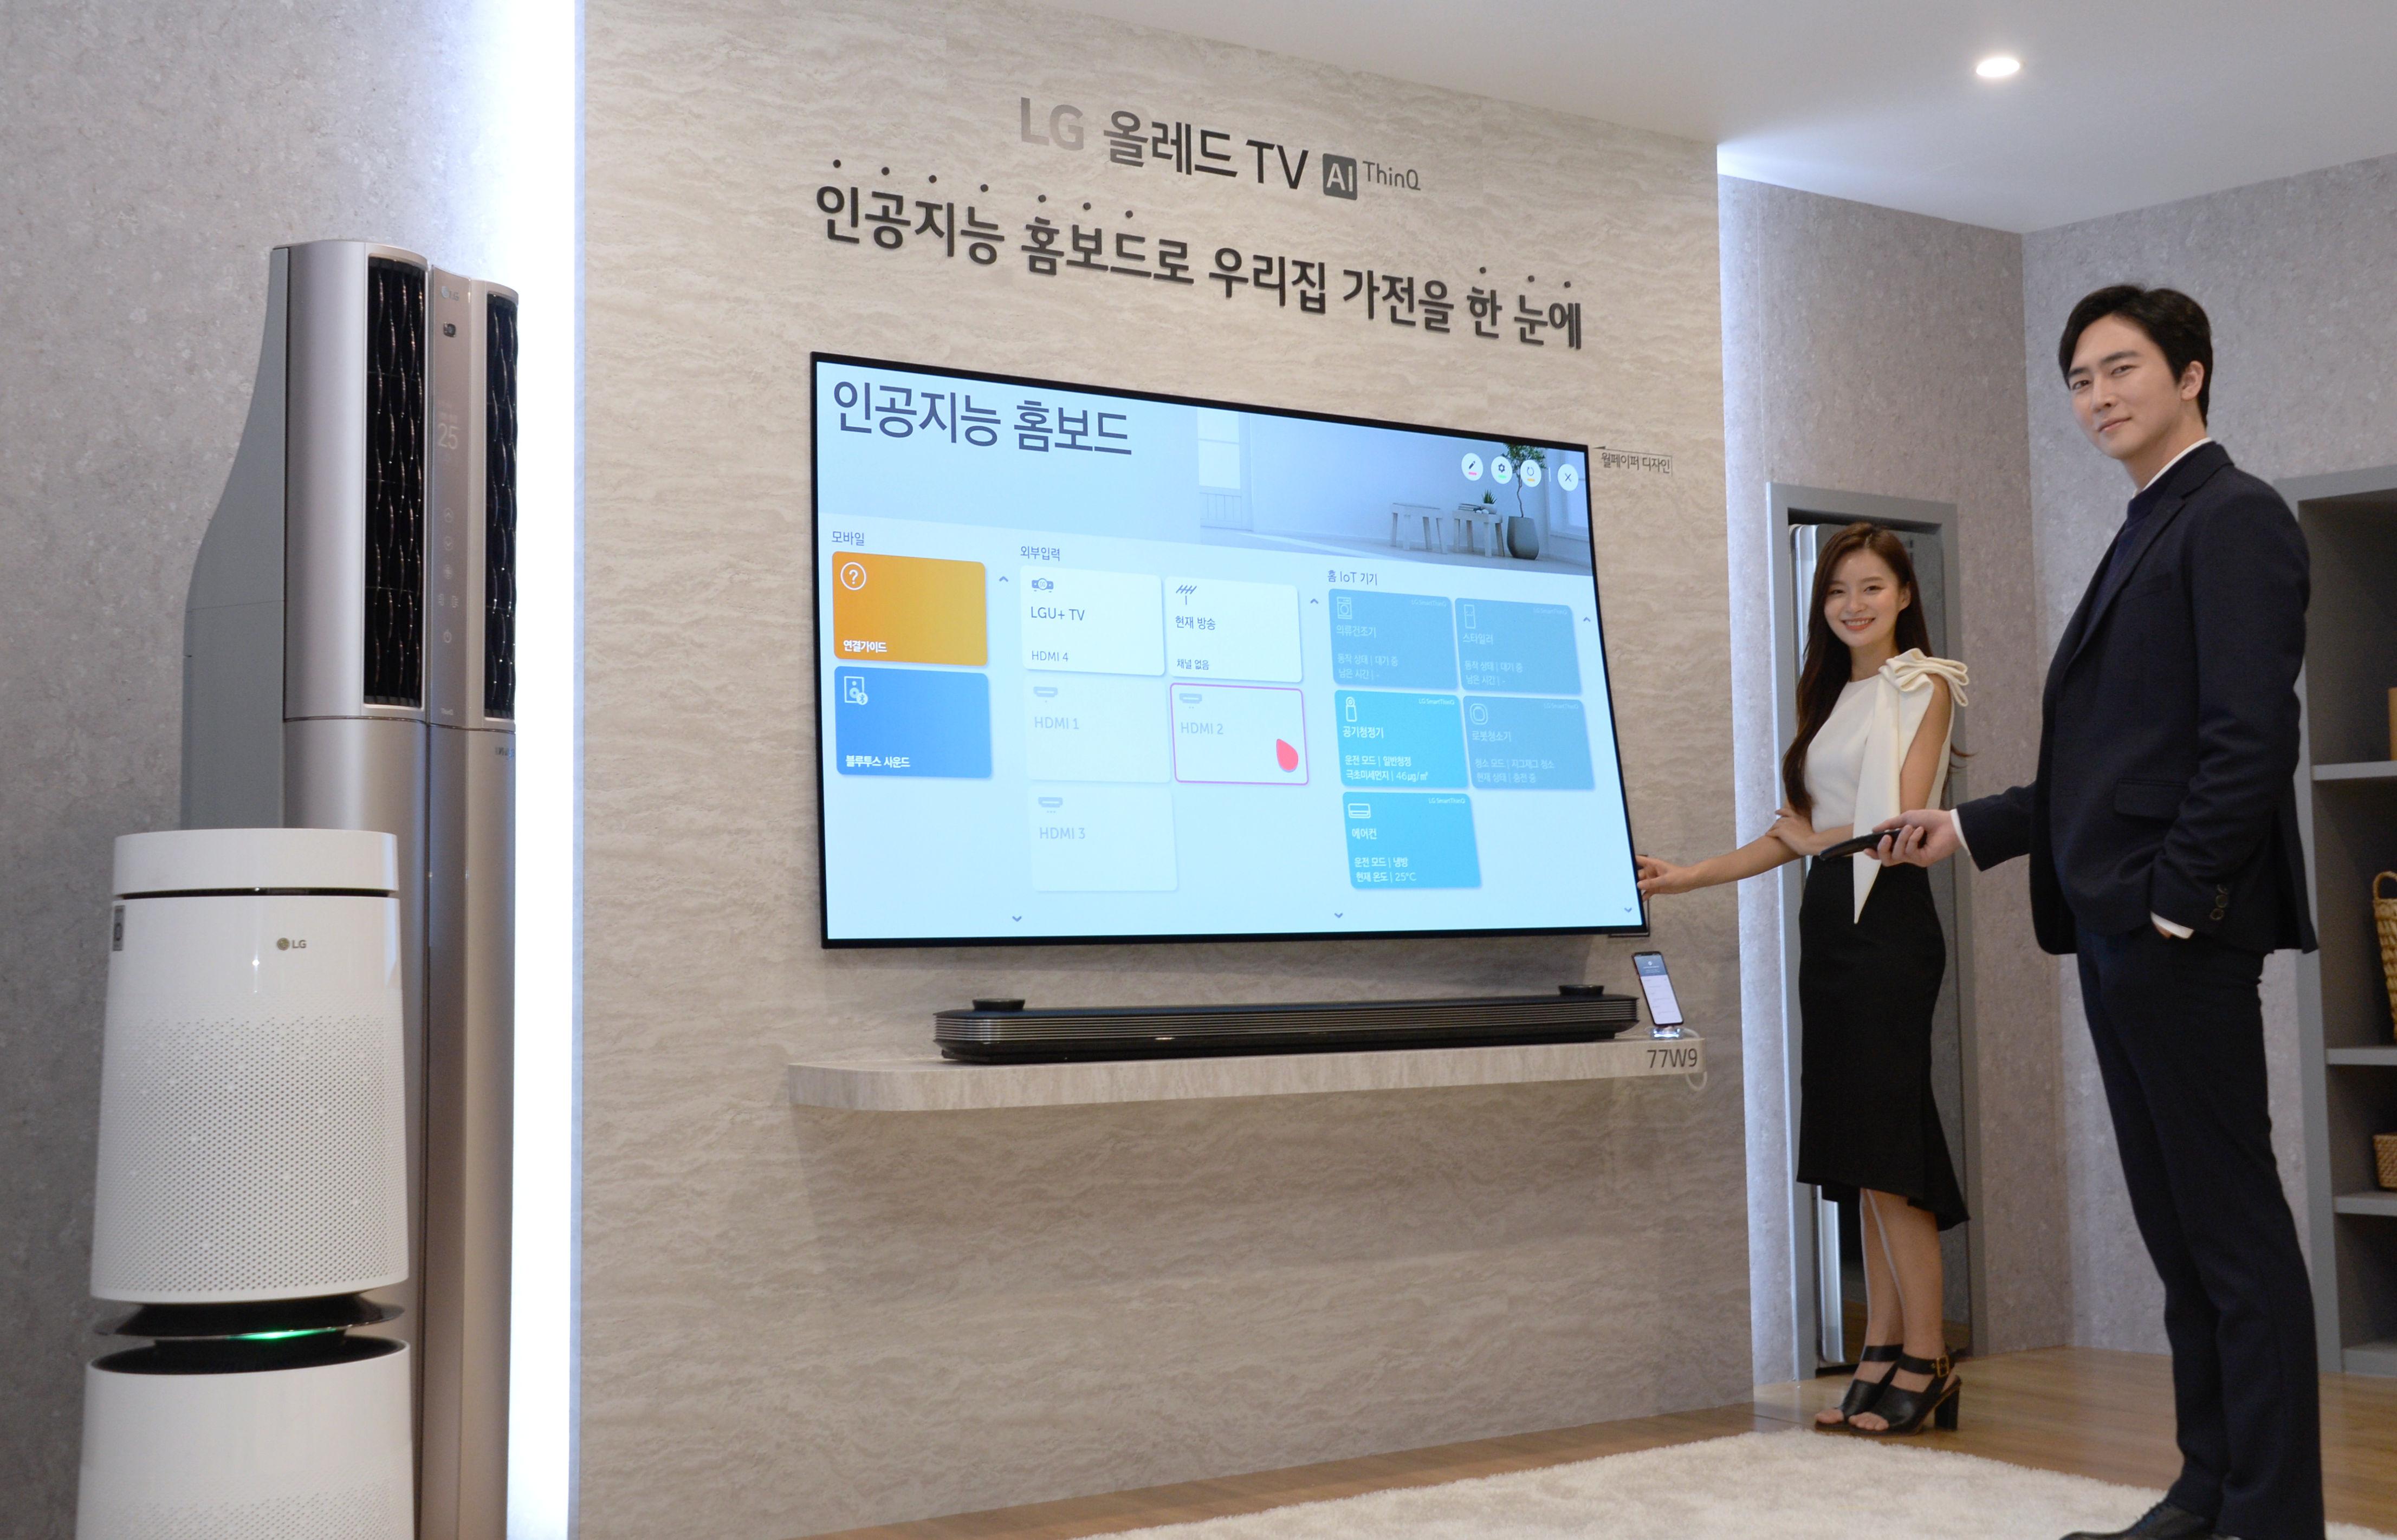 6일 서울 마곡 소재 LG사이언스파크에서 열린 2019년 LG TV 신제품 발표행사에서 모델들이 LG 시그니처 올레드 TV W 제품으로 집안 인공지능 가전을 한눈에 확인하고 제어할 수 있는 '인공지능 홈보드' 기능을 소개하고 있다.